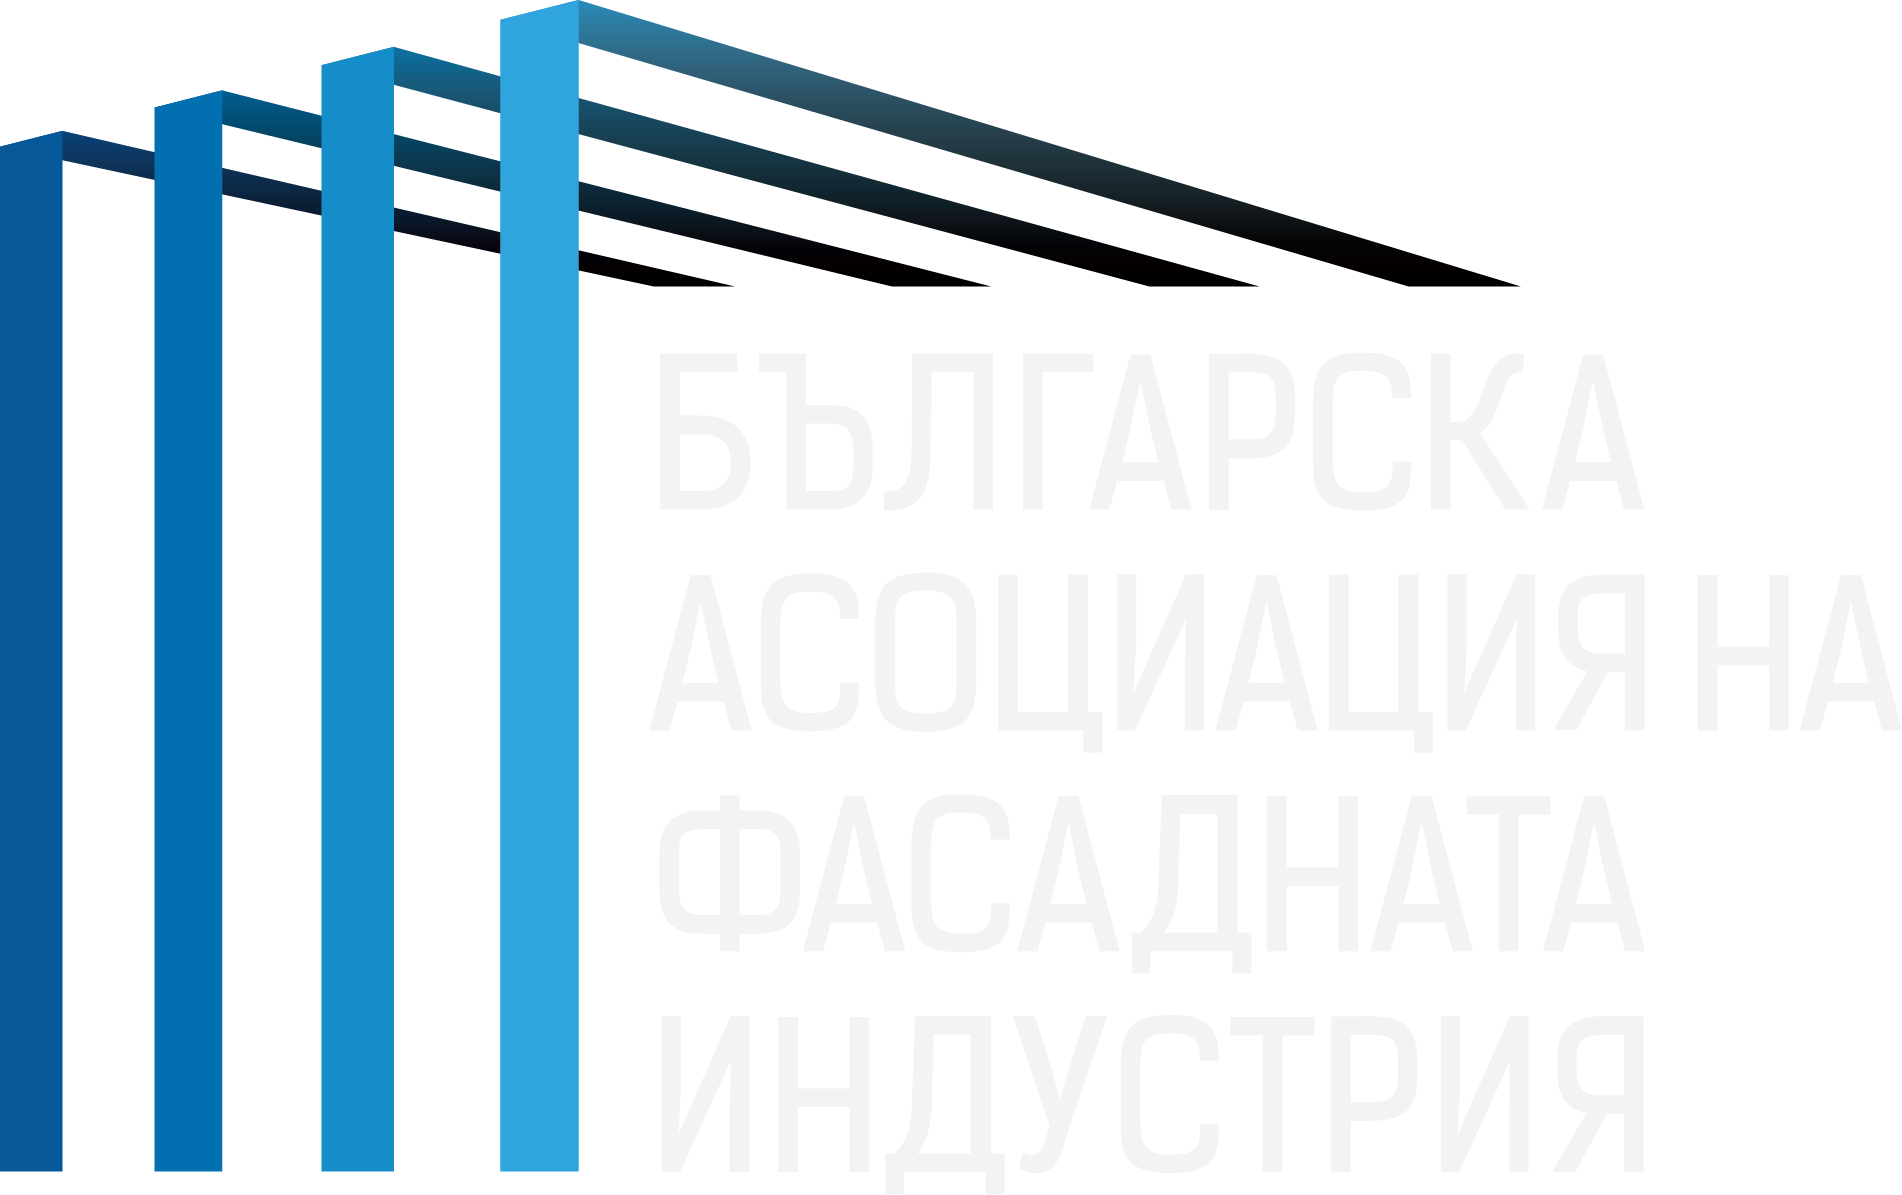 Българска асоциация на фасадната индустрия